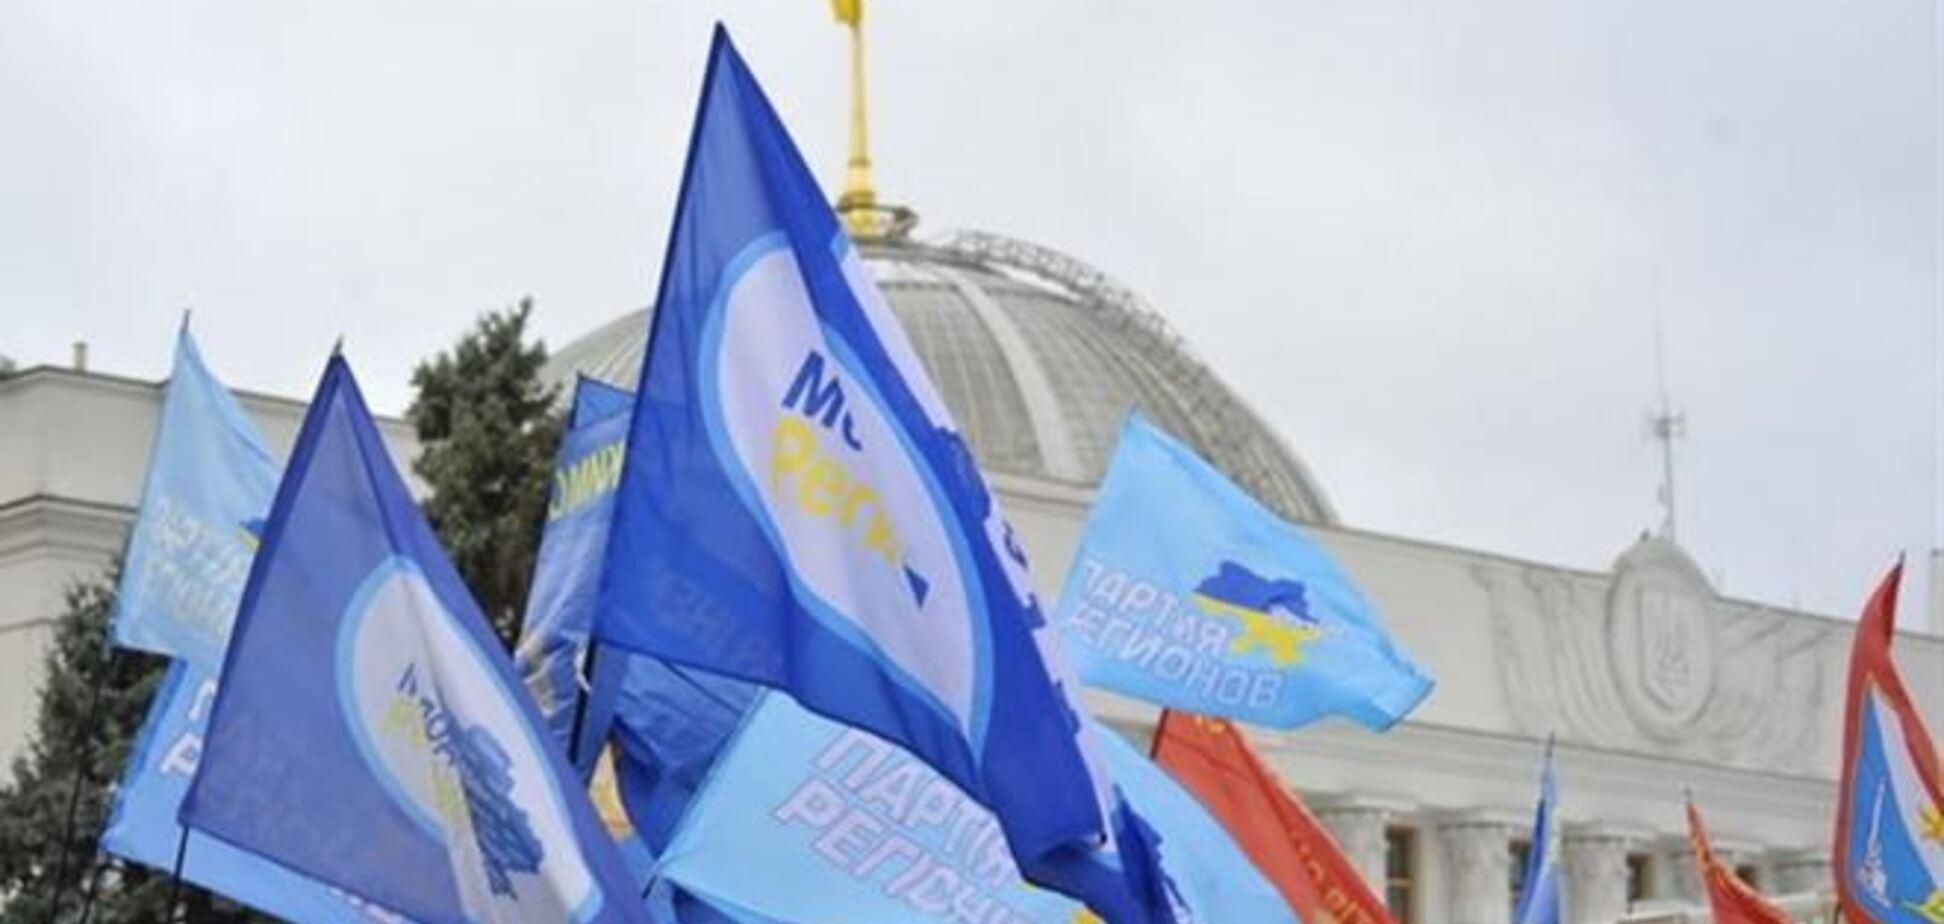 В Мариинском парке митингуют несколько десятков сторонников ПР